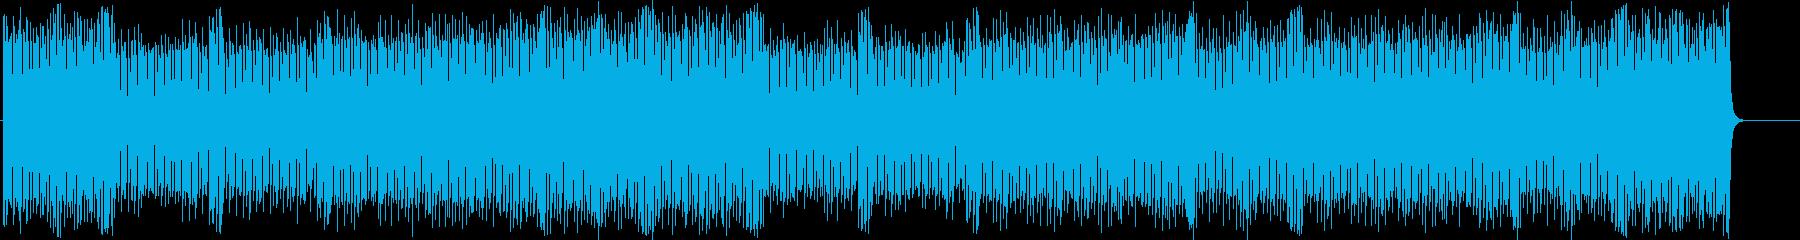 ユーロビート 慌ただしい ディスコの再生済みの波形